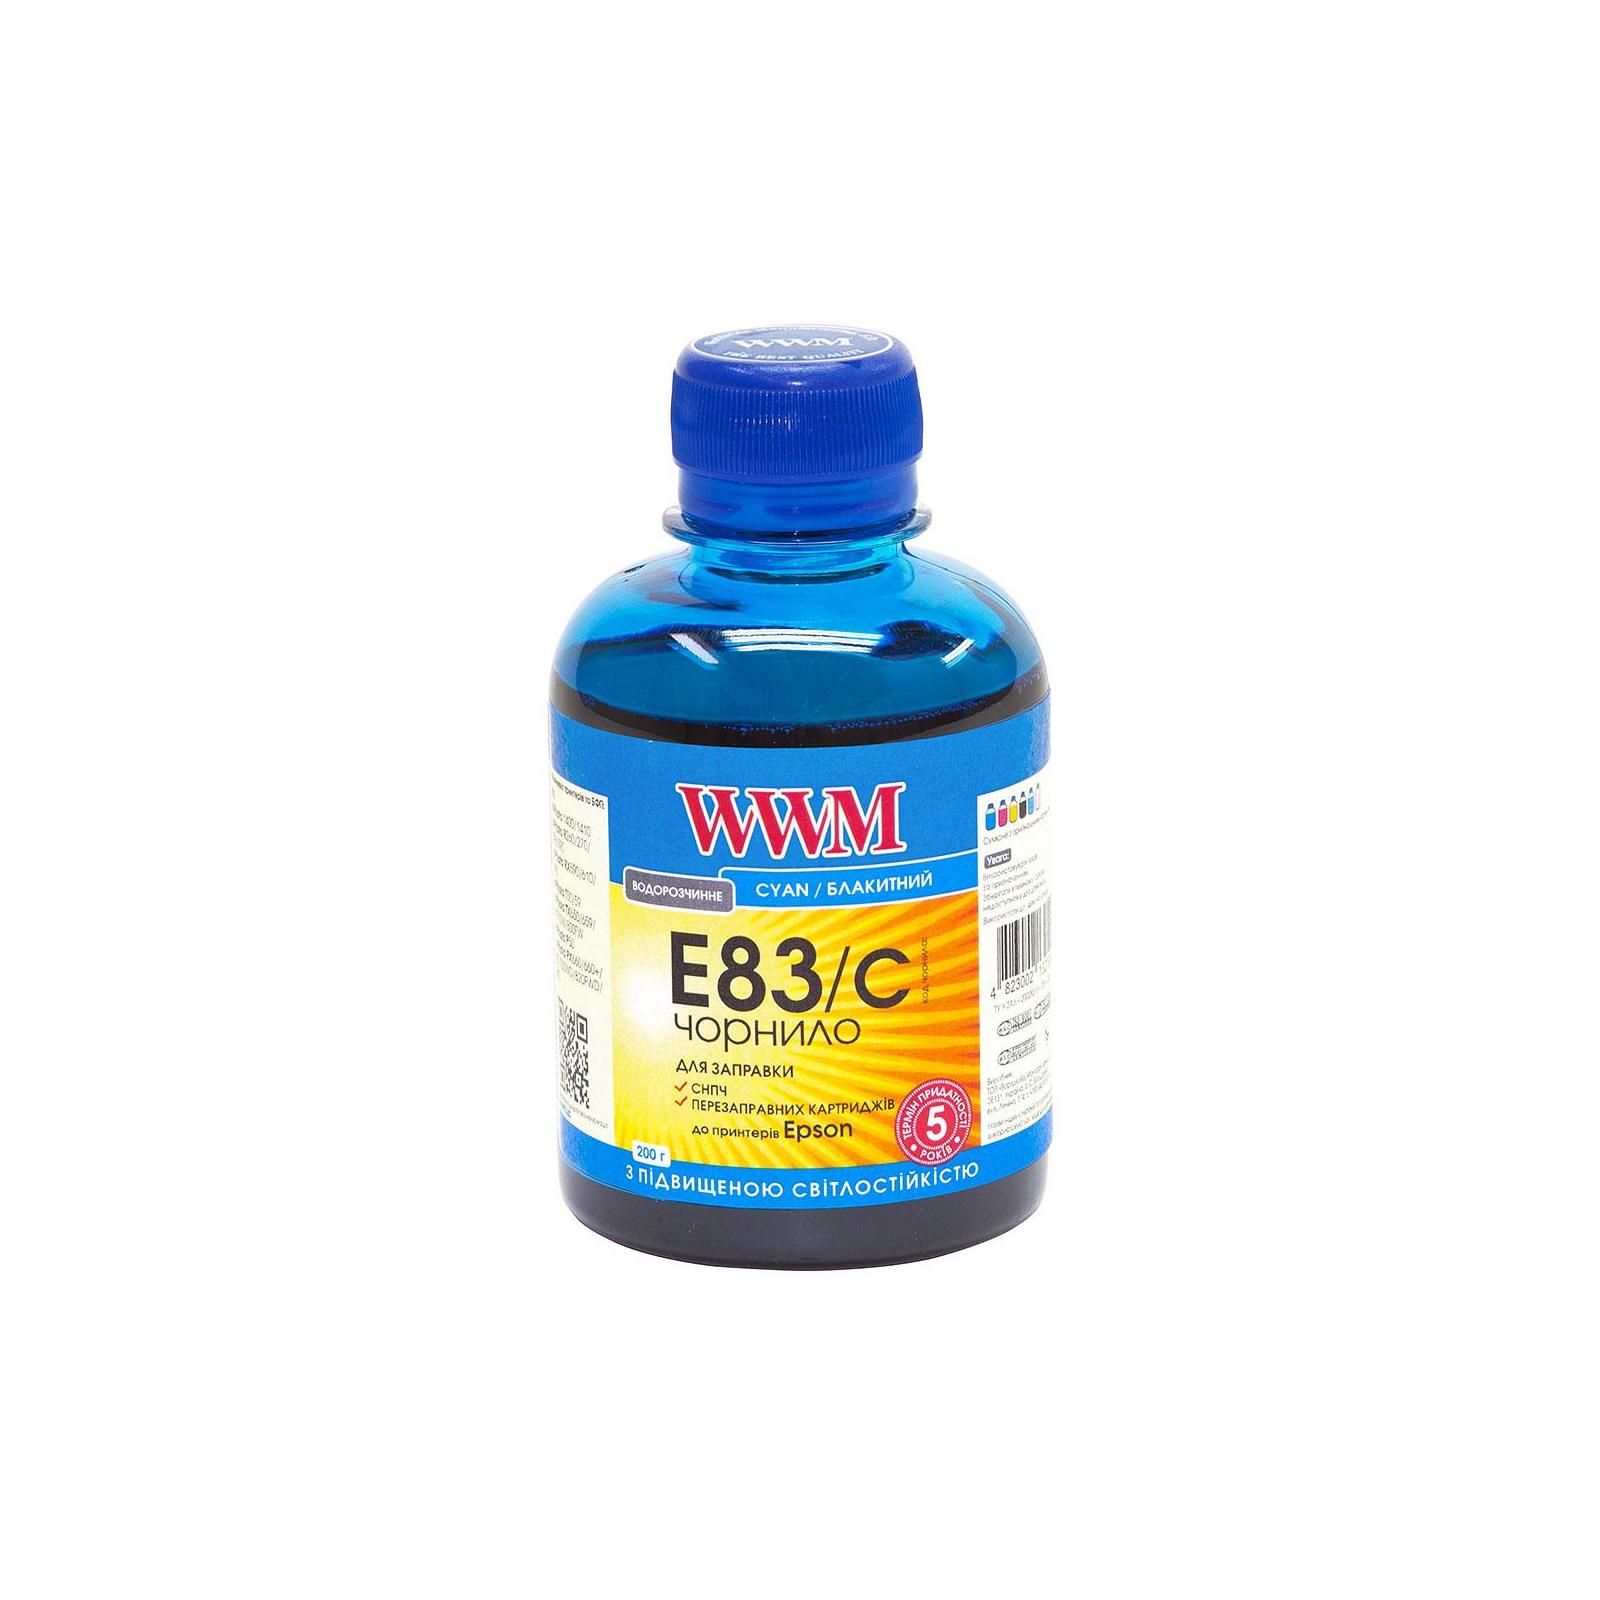 Чернила WWM EPSON StPhoto R270/290 Cyan /NEW (E83/C)